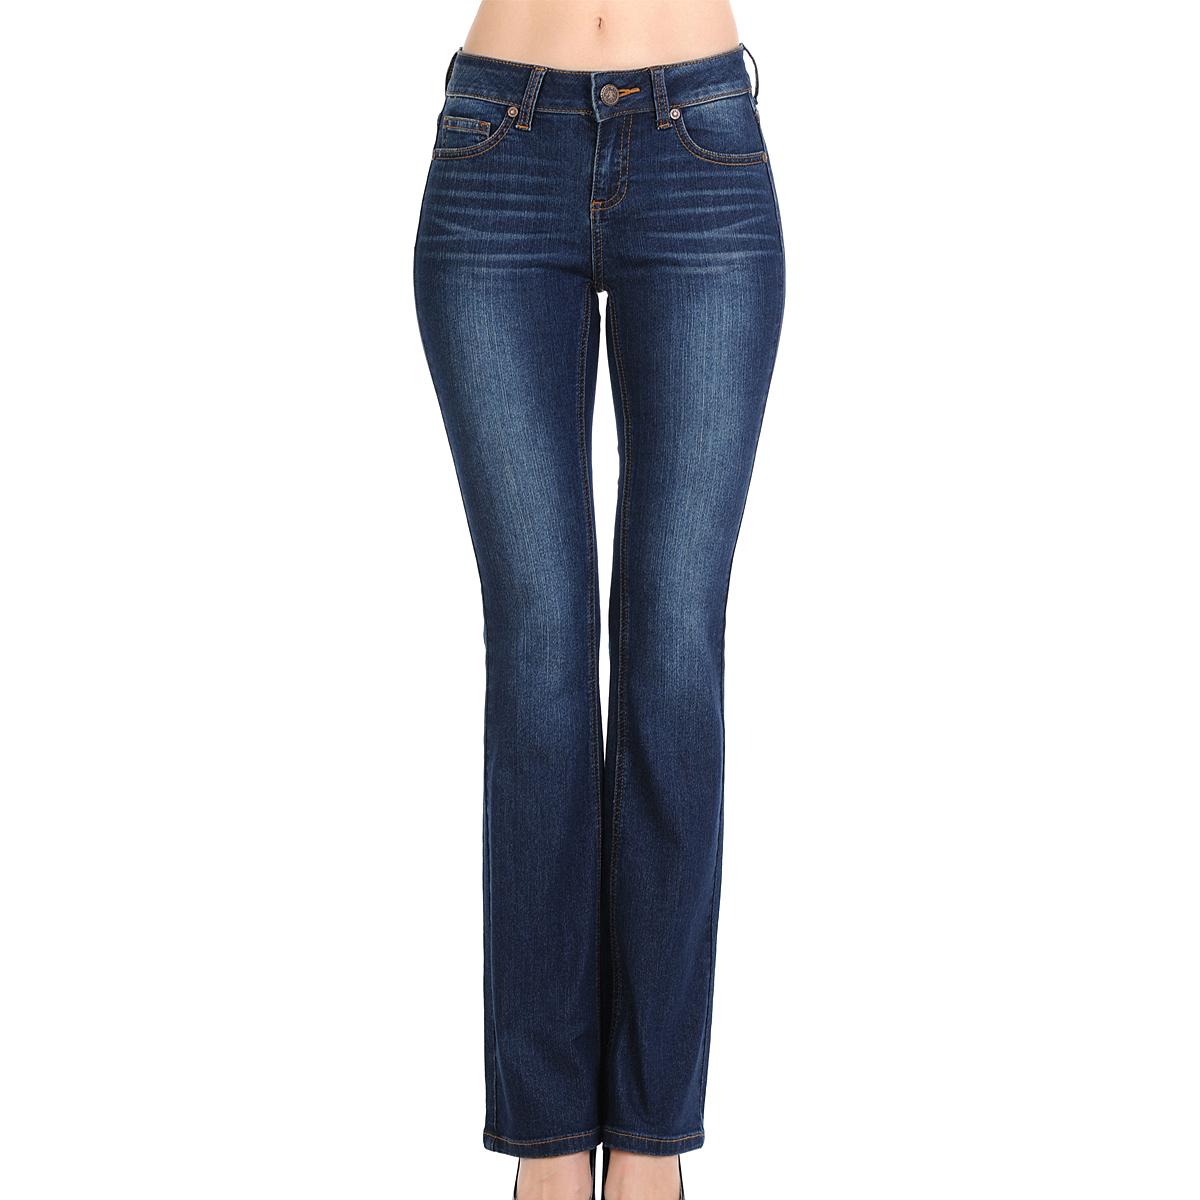 Custom Jeans for Women